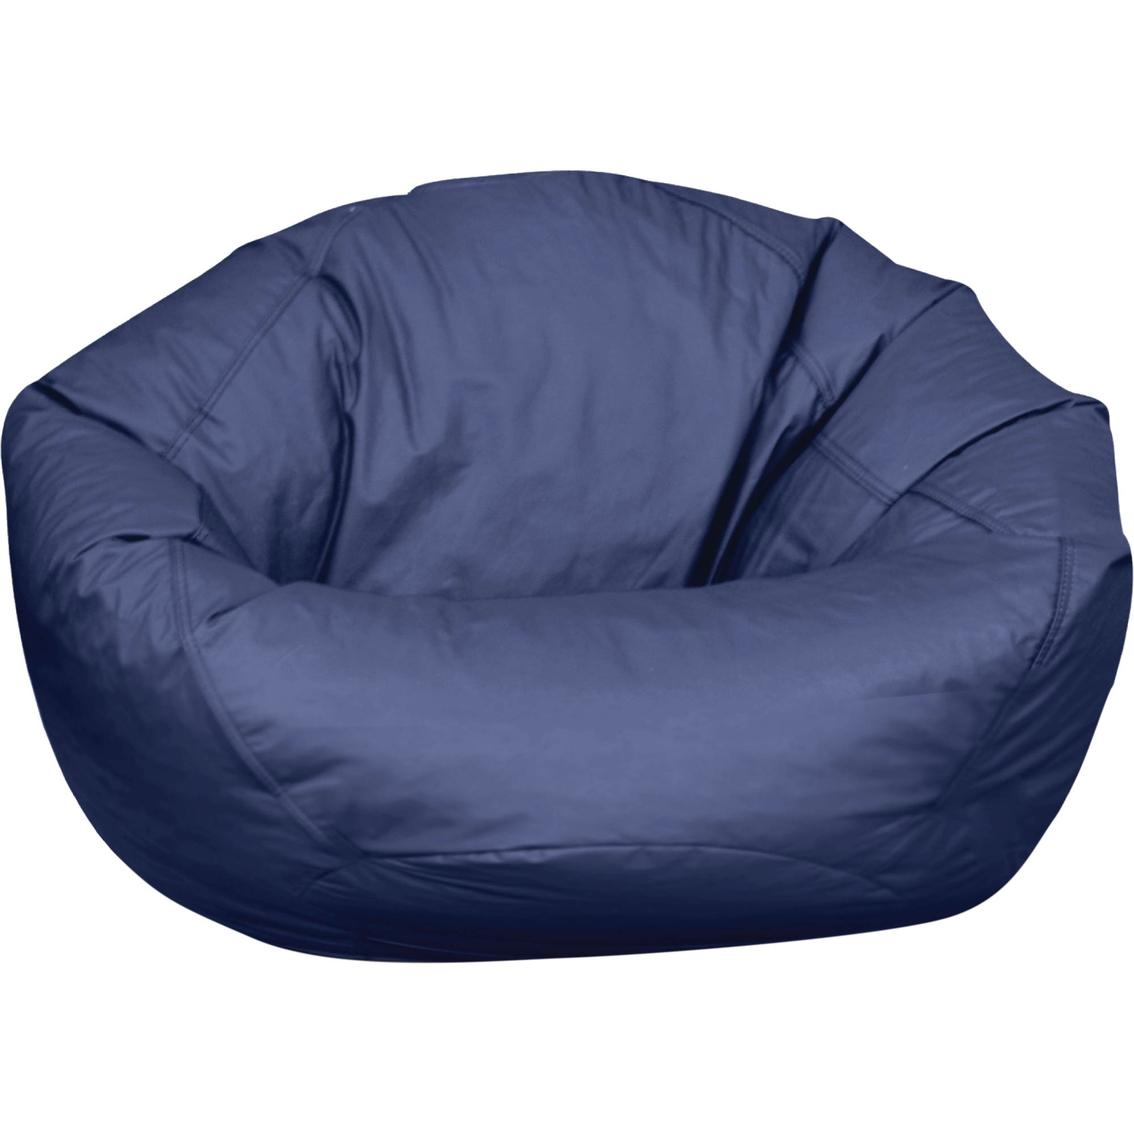 Jordan Manufacturing Small Clic Bean Bag Chair